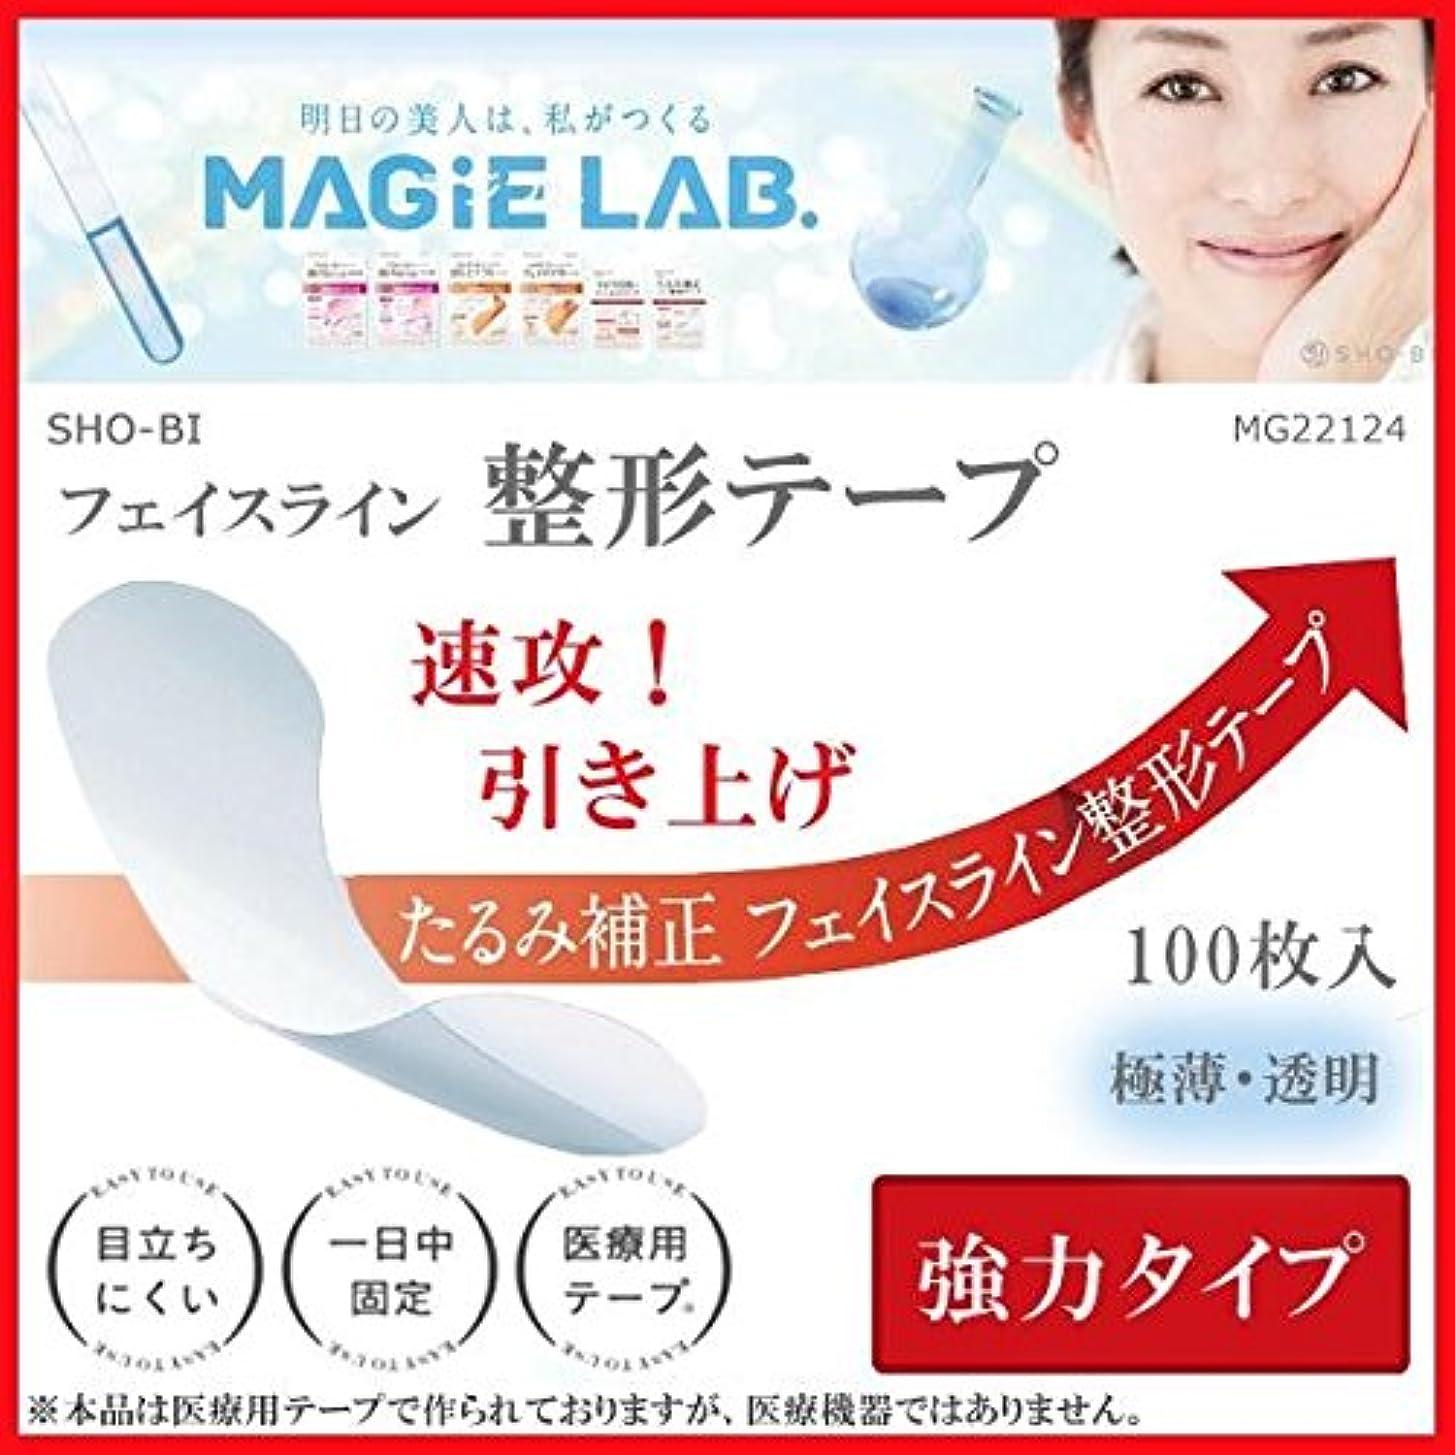 劇場設計図天窓SHO-BI MAGiE LAB.(マジラボ) フェイスライン整形テープ 強力タイプ 100枚入り MG22124